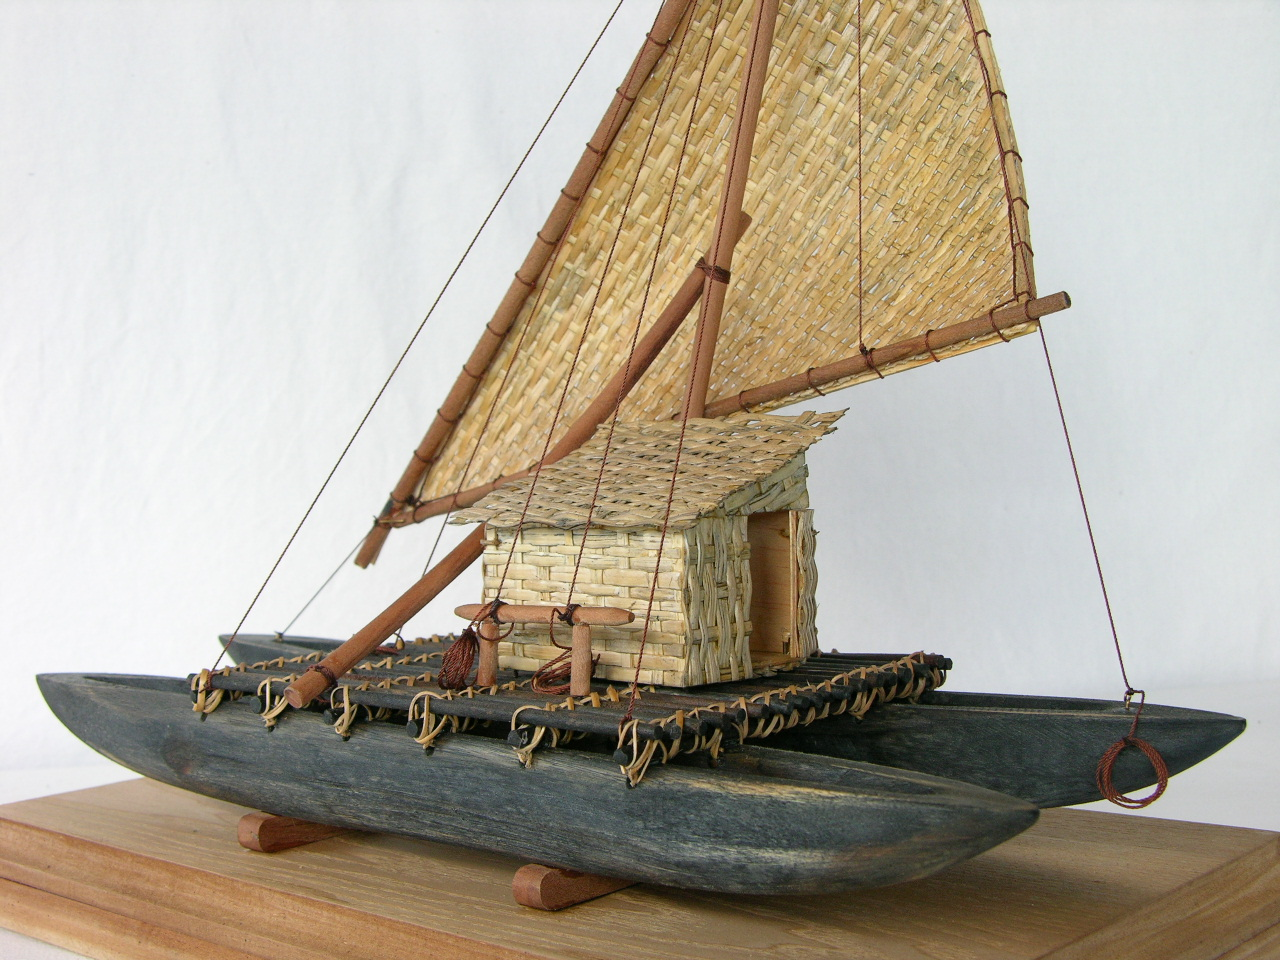 This Hawaiian catamaran